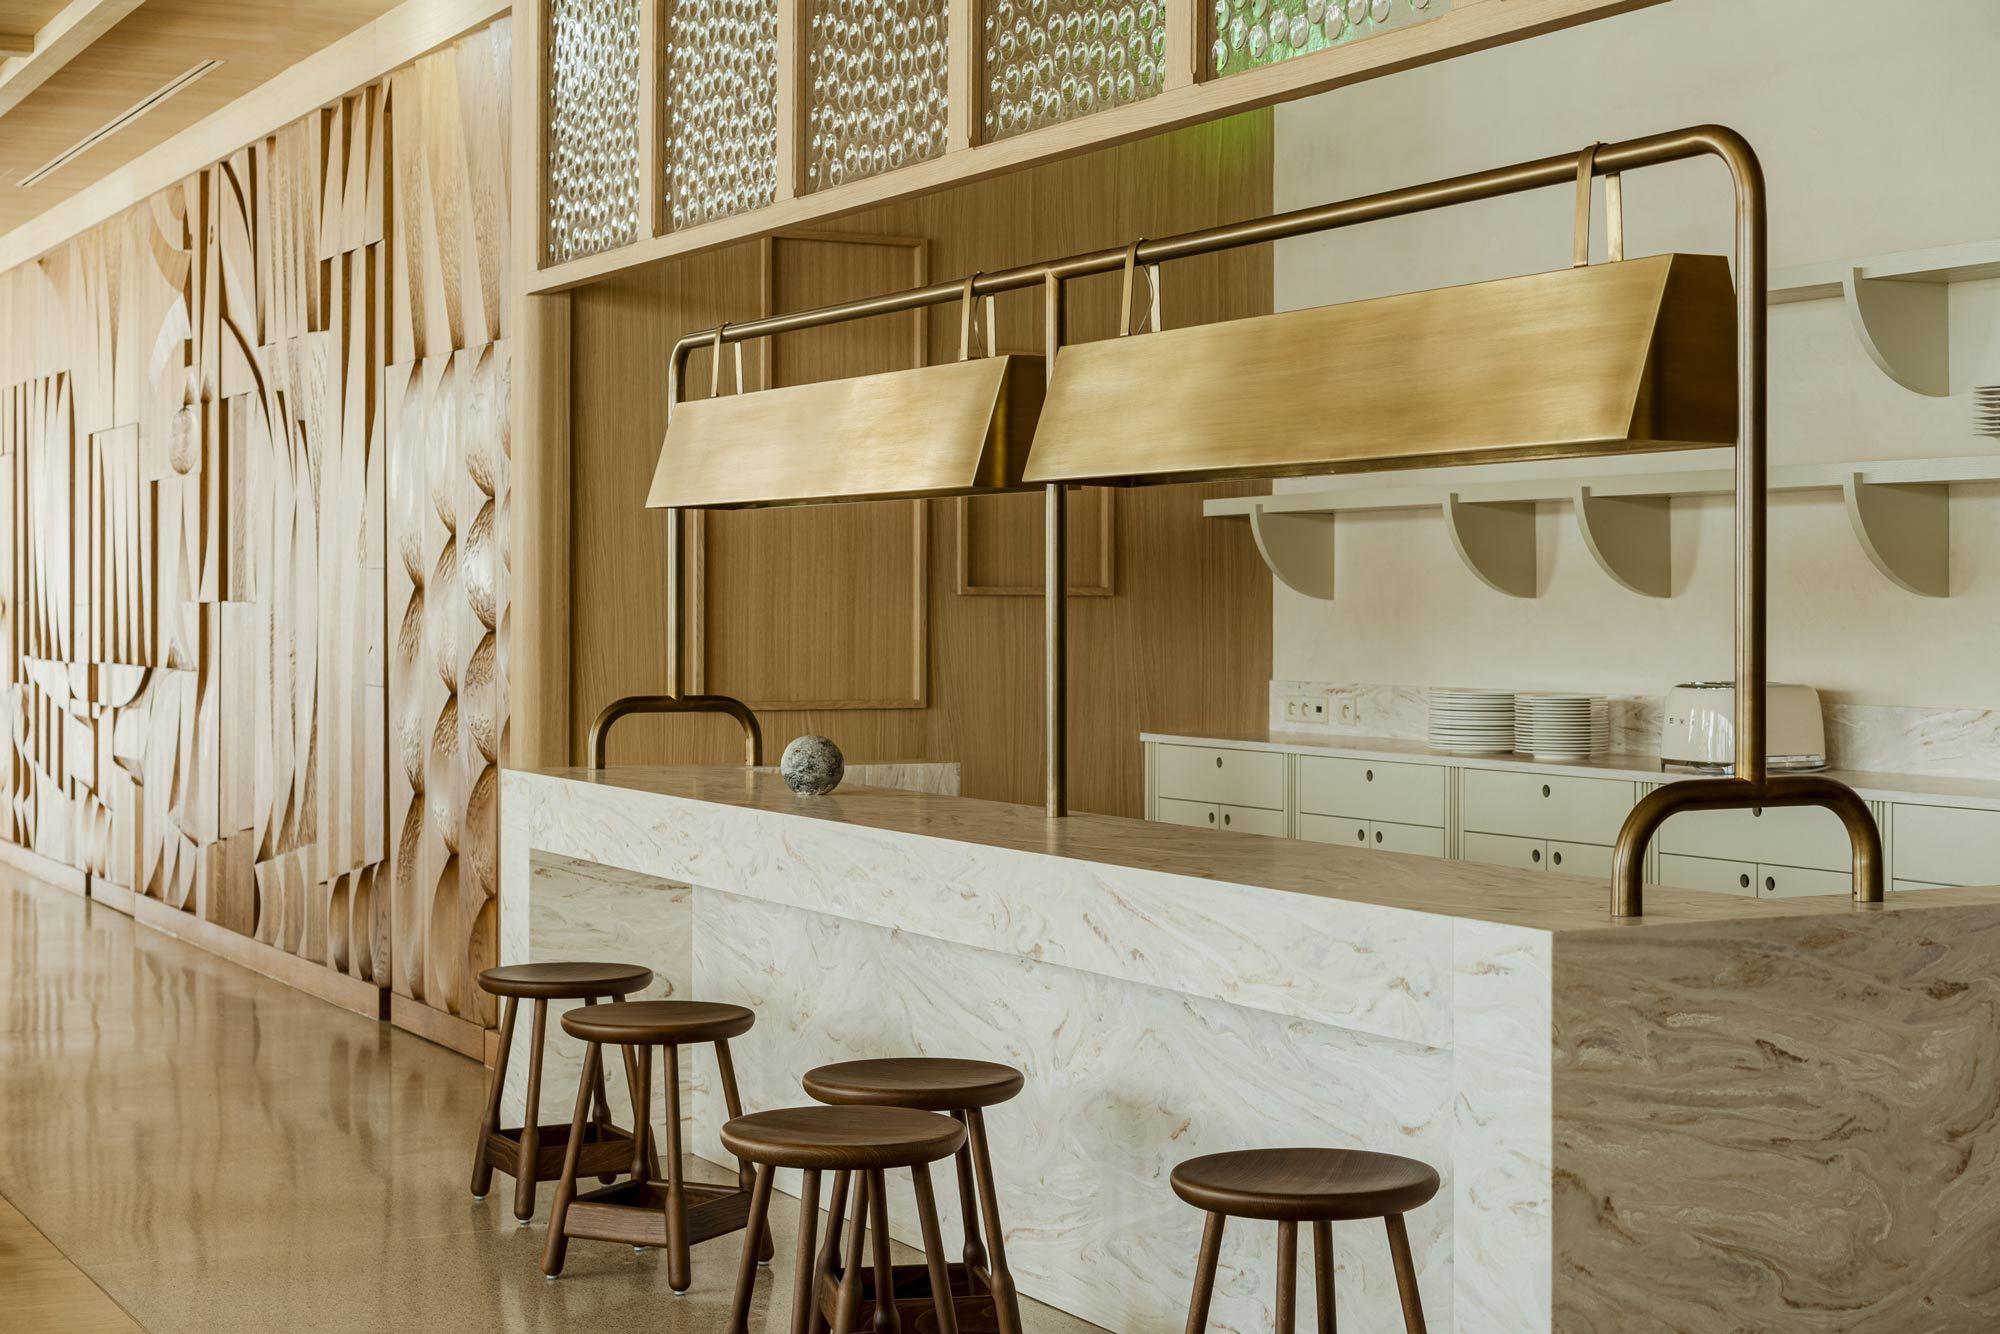 Mit der Renovierung des Puro Hotels in Krakau beschwört Paradowski Studio den Glanz vergangener Zeiten herauf: Lokale Kunst trifft auf internationales Möbeldesign. Foto: Pion Studio